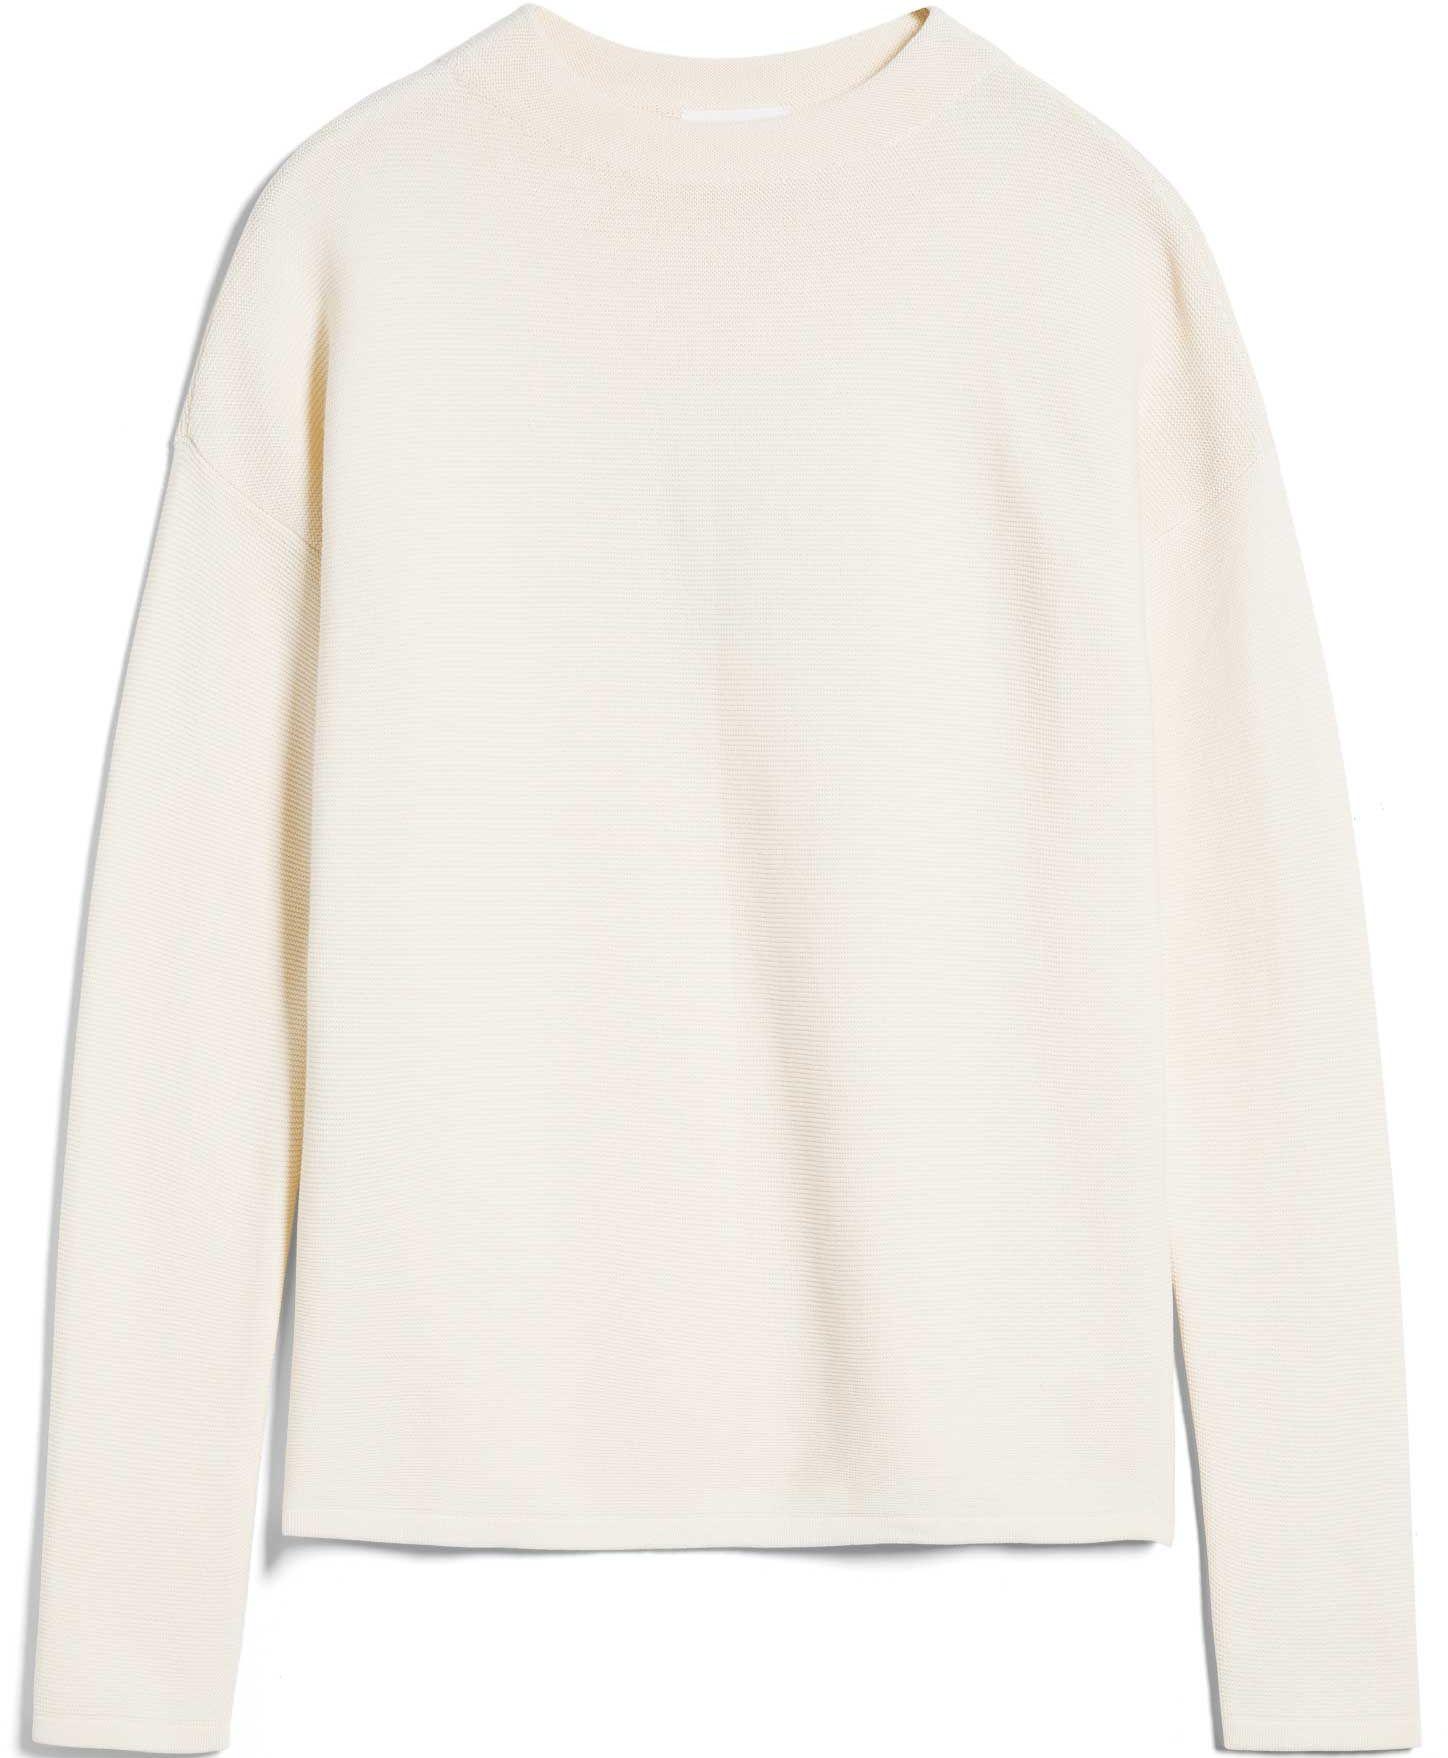 Strukturierter Damen-Pullover MEDINAA oatmilk